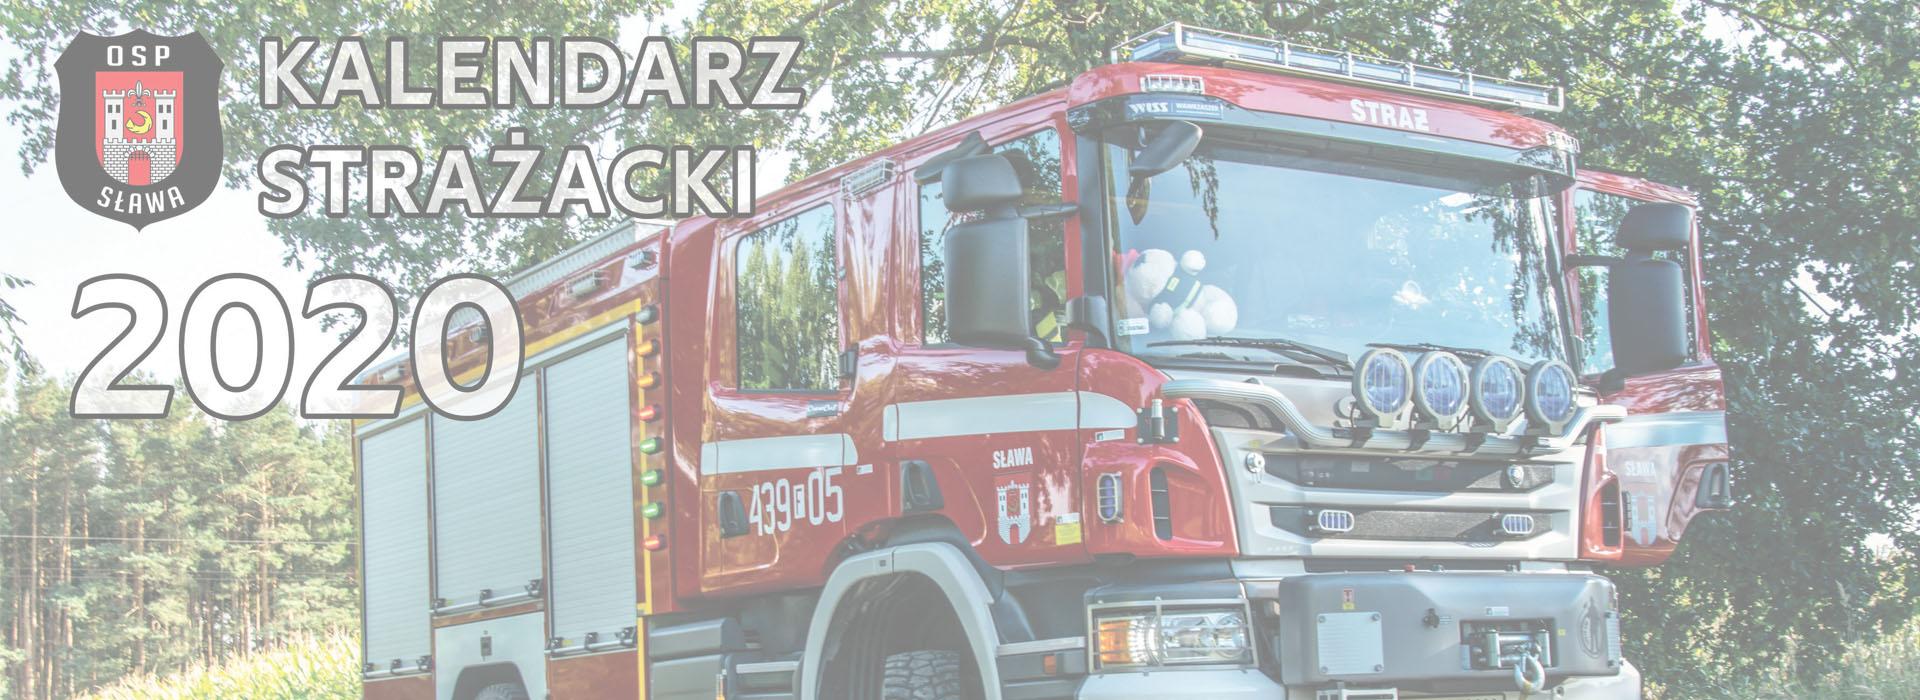 Kalendarze strażackie na rok 2020